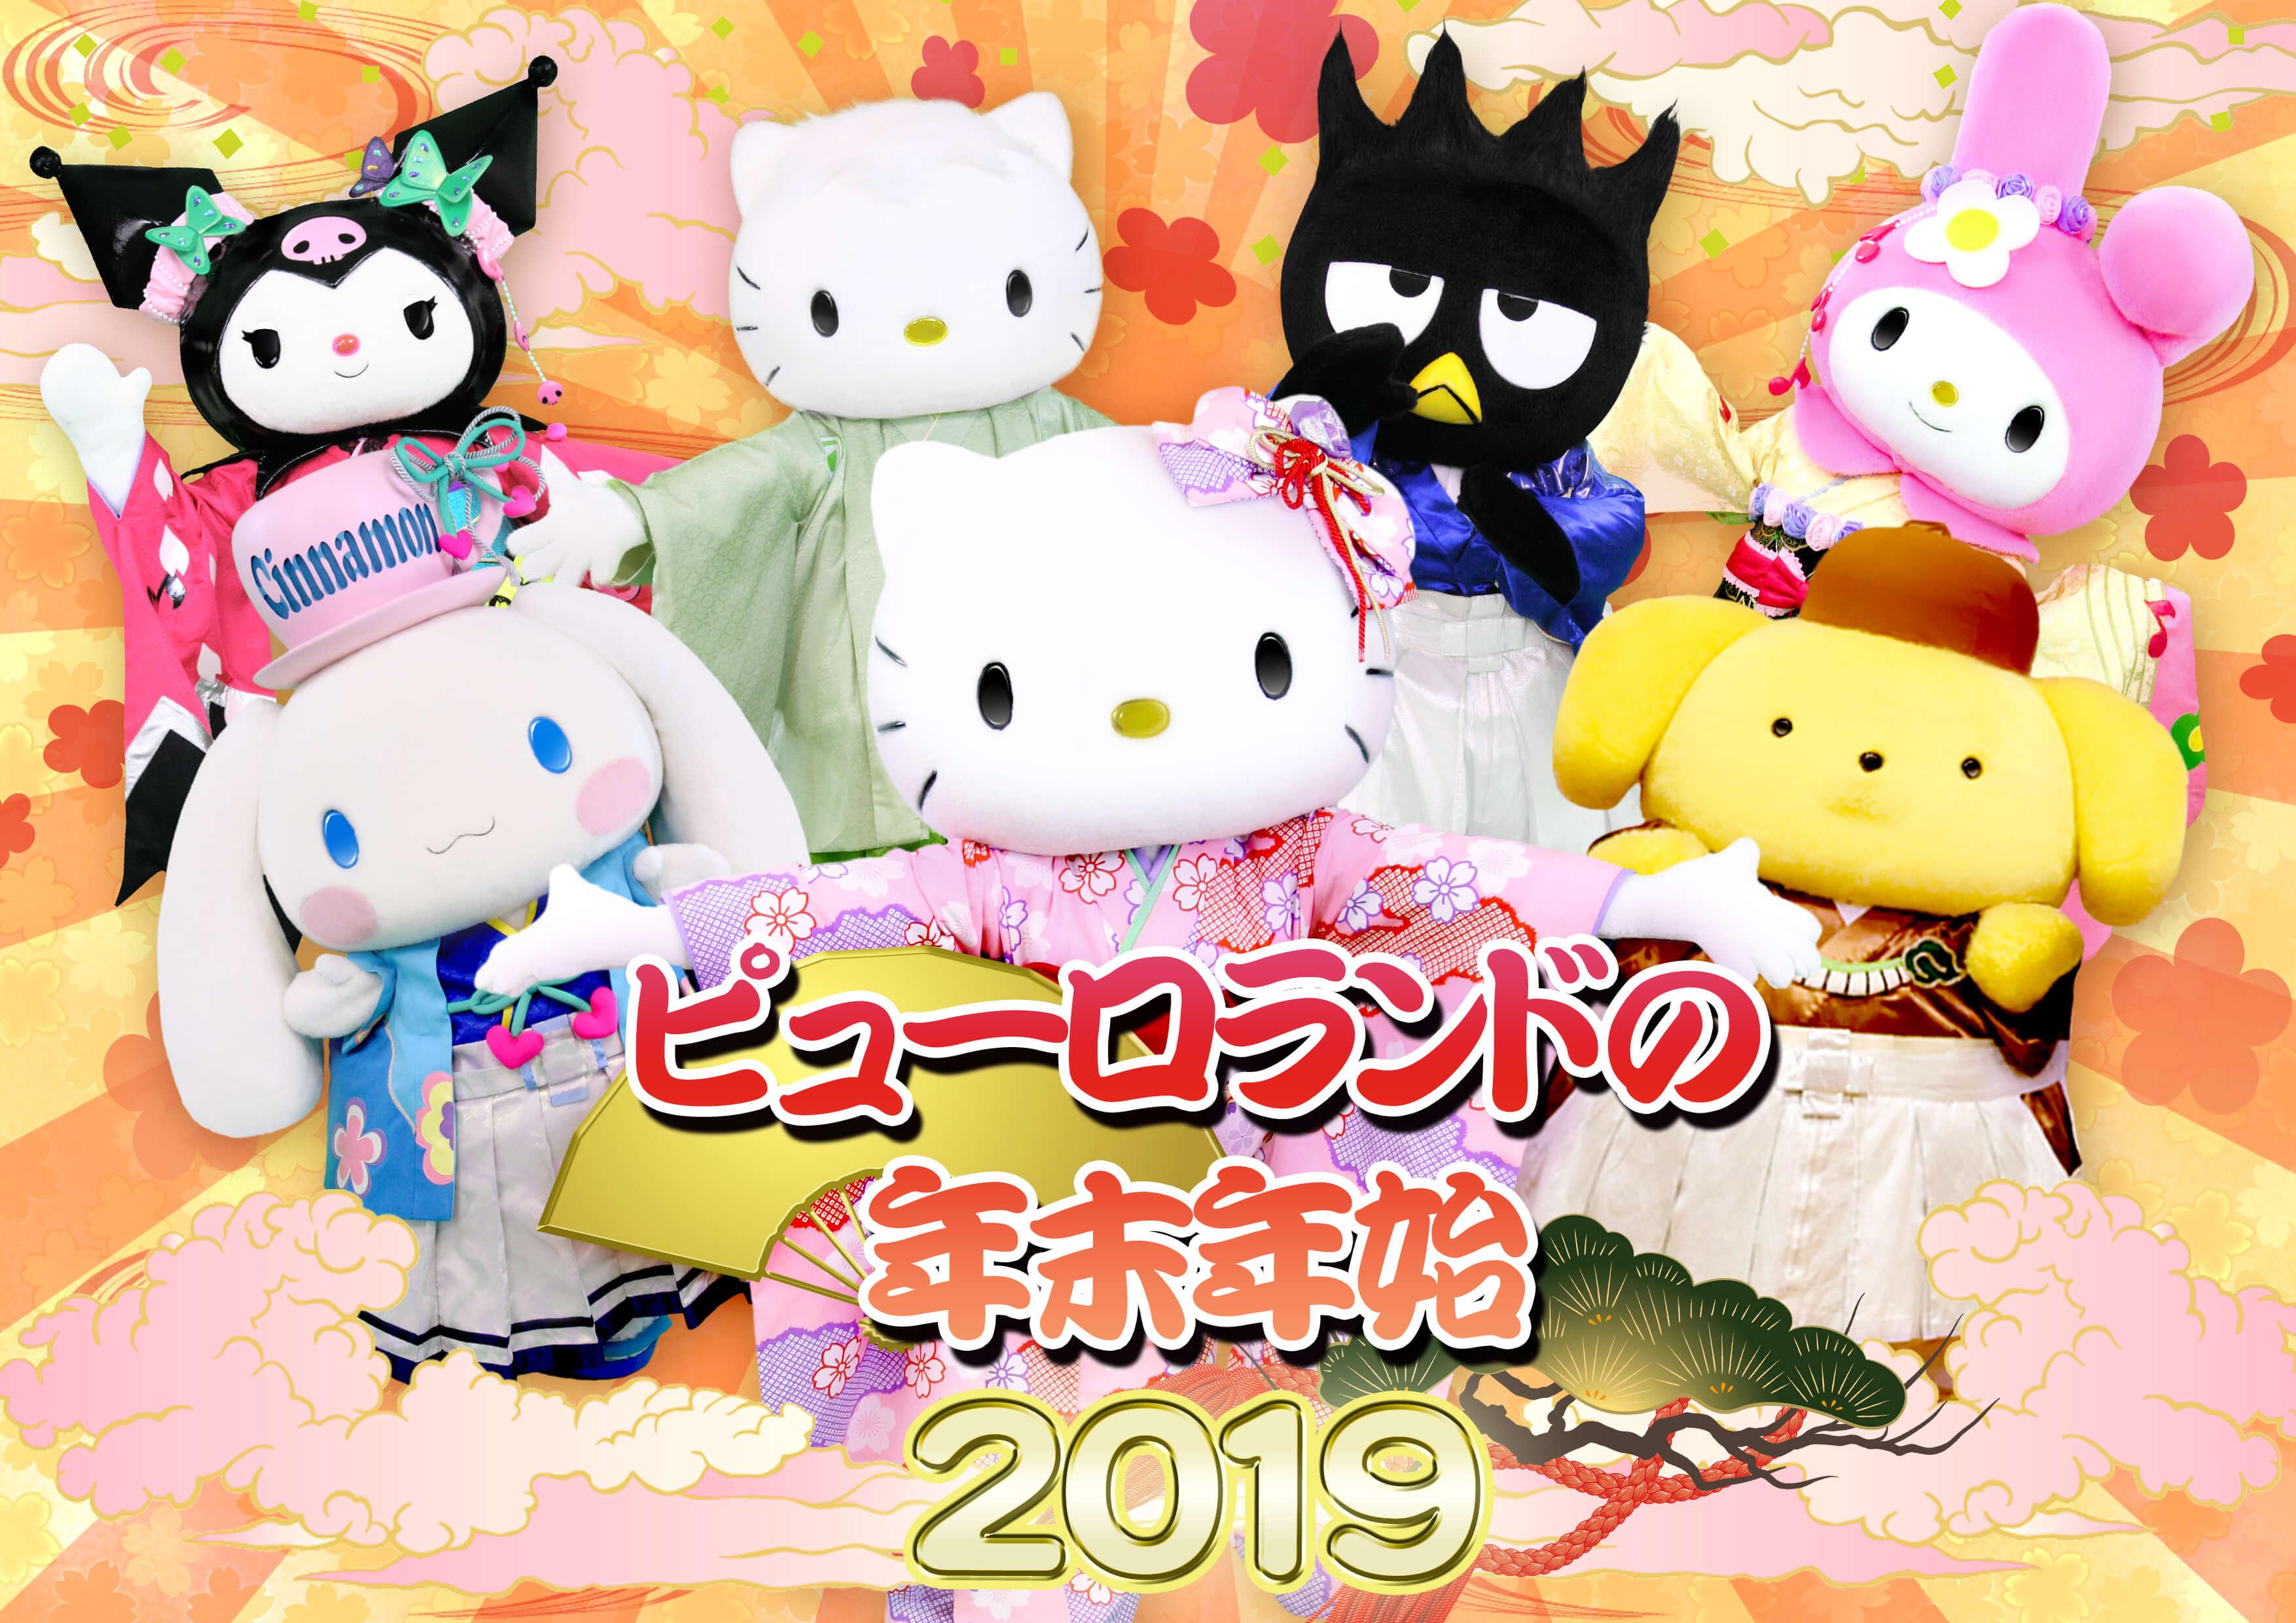 三麗鷗彩虹樂園年初年底舉行「The Final HEISEI celebration」活動 | 三麗鷗彩虹樂園, | 日本 | 妞新聞 niusnews